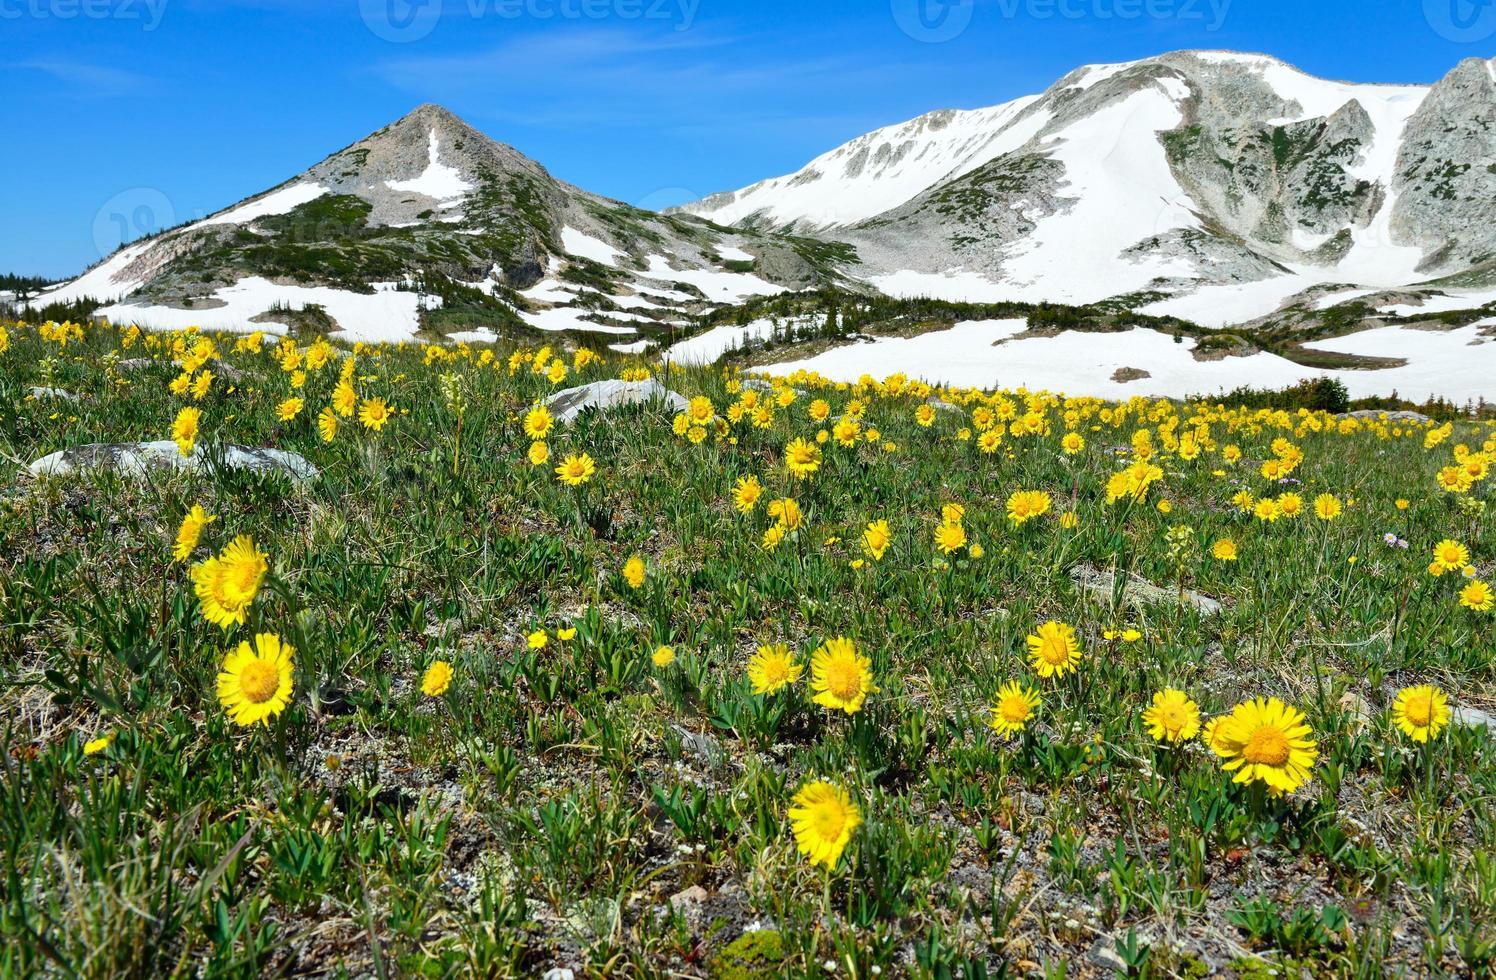 Alpenweide met wilde bloemen in besneeuwde bergen foto